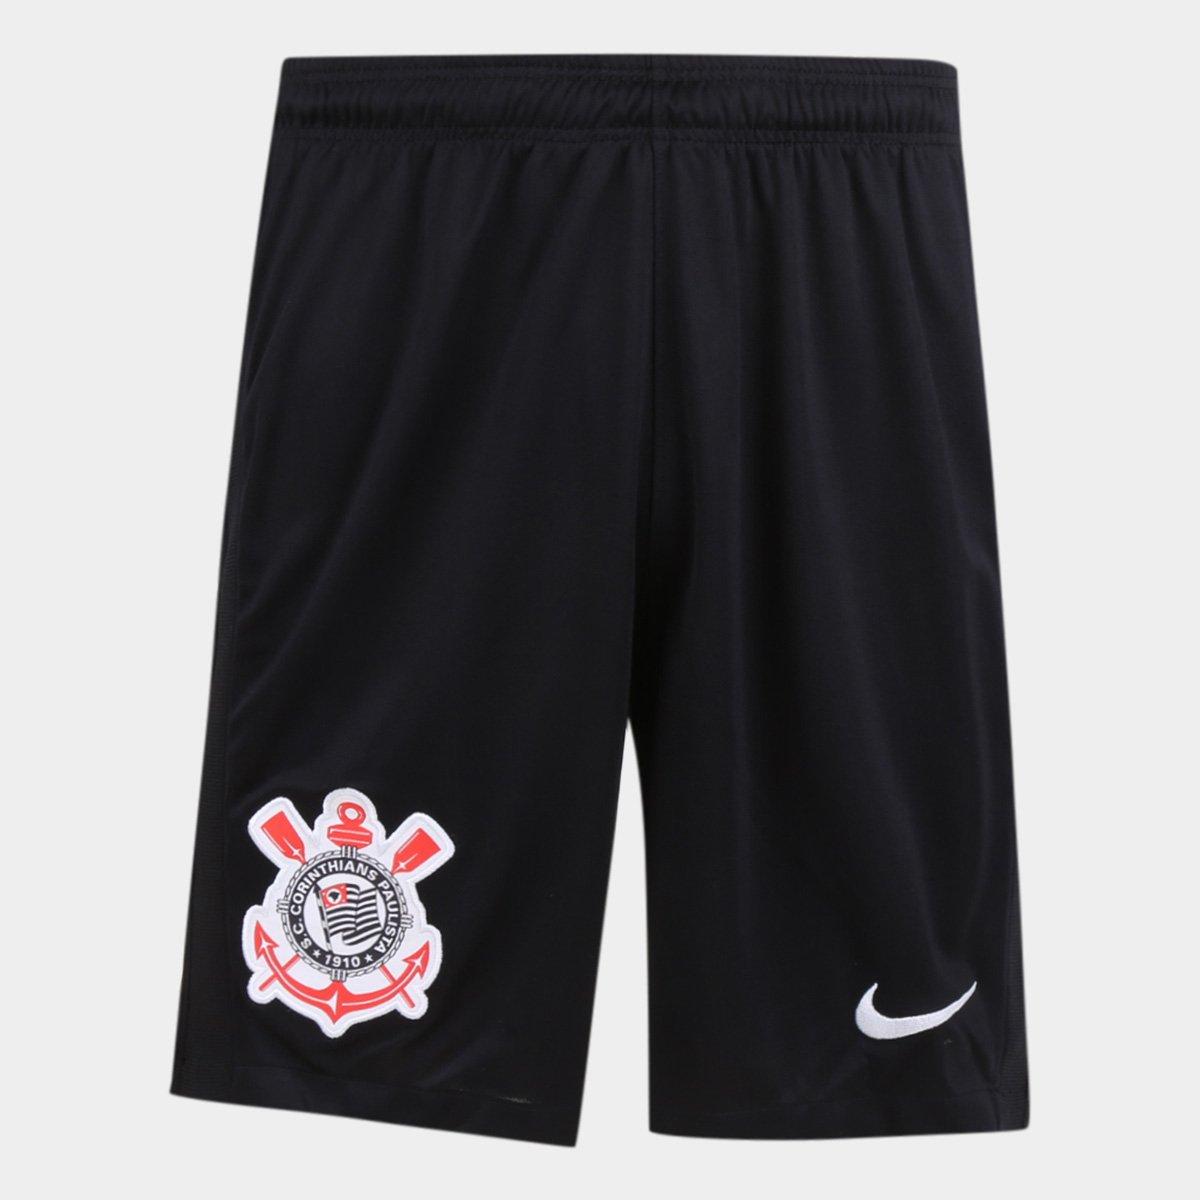 Calção Corinthians I 20/21 Nike Masculino